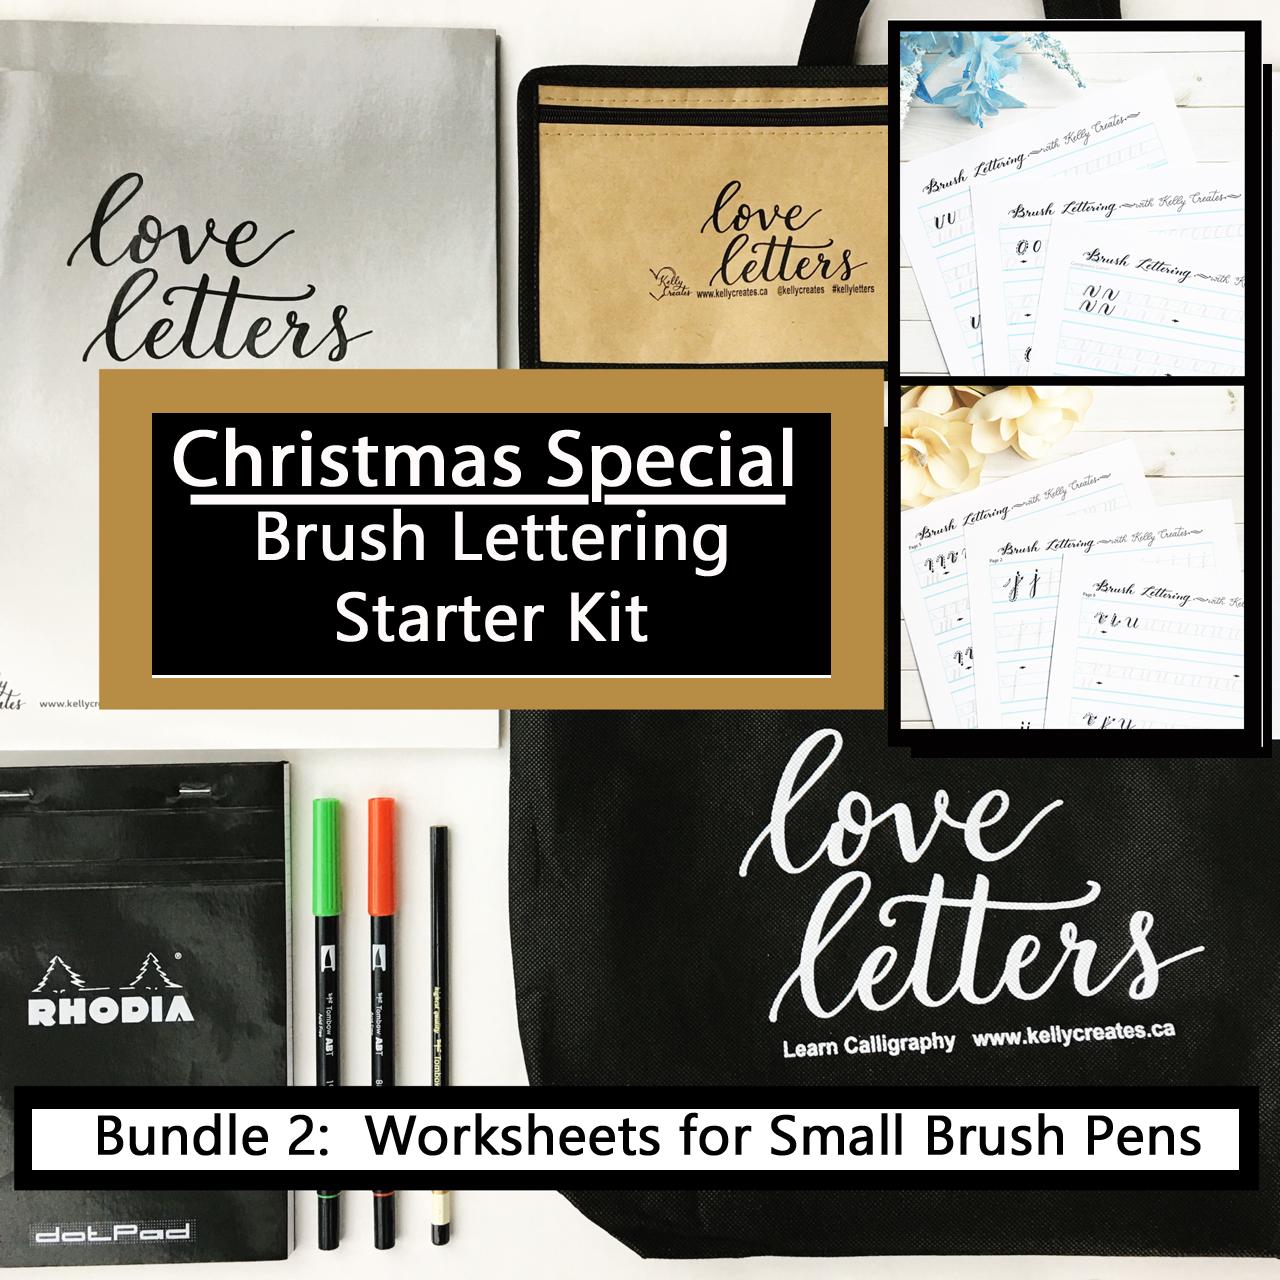 Christmas Special Starter Kit For Small Brush Pens